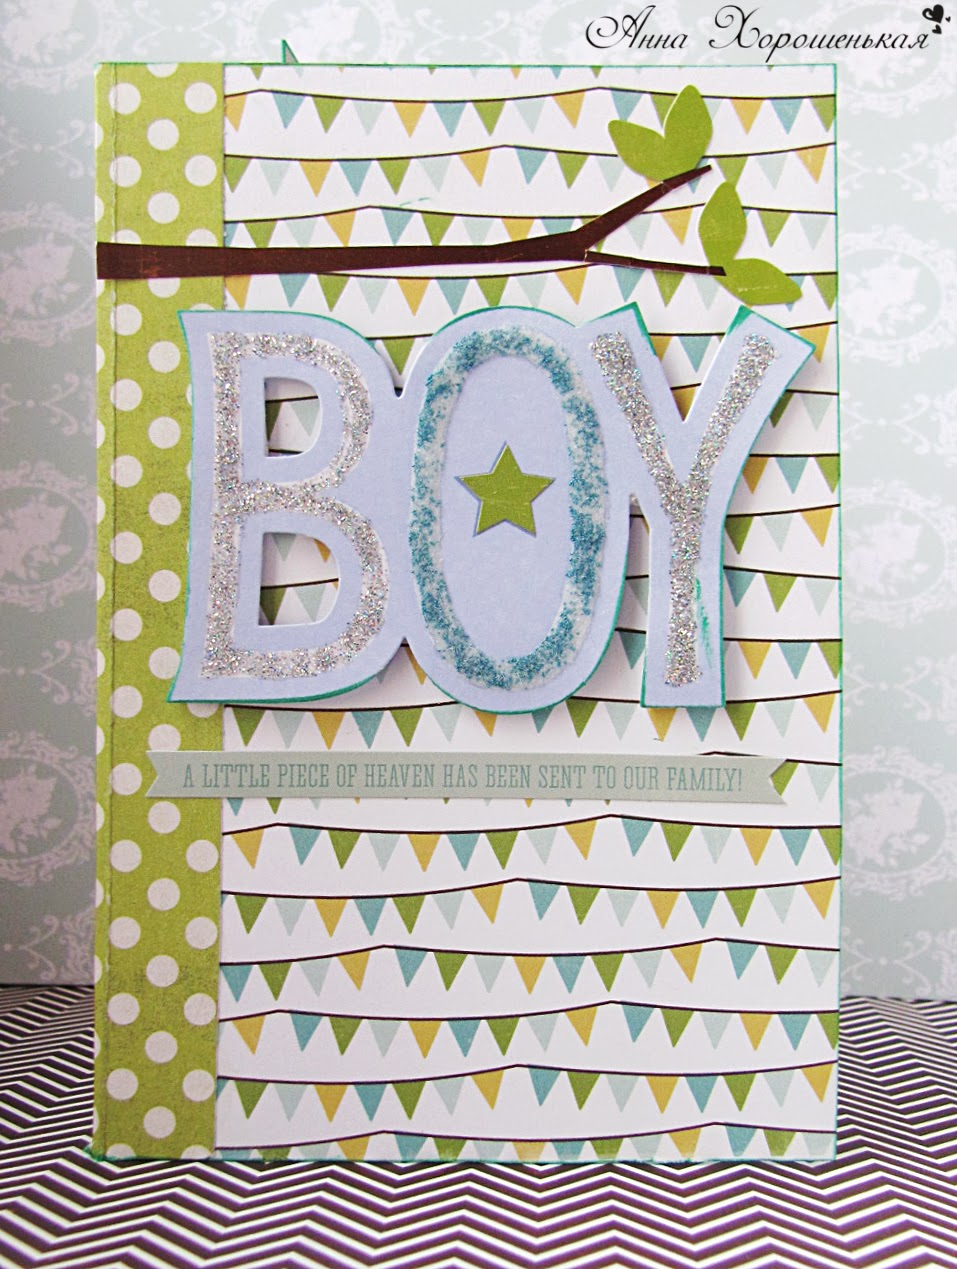 Оригинальный подарок малышу на 1 годик